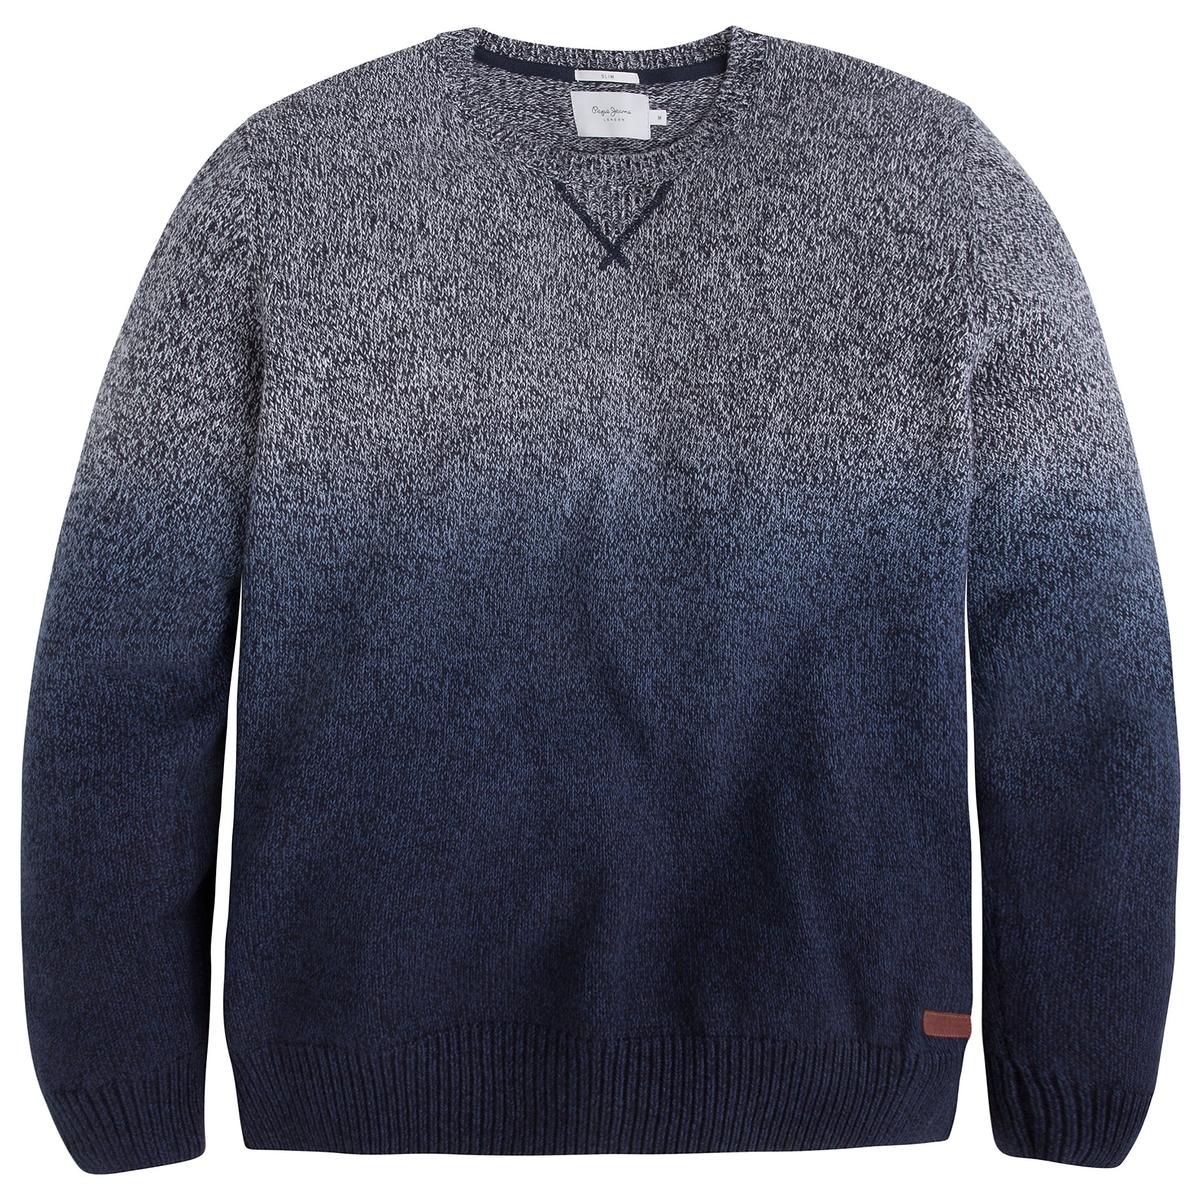 Пуловер с круглым вырезом из тонкого трикотажаДетали •  Длинные рукава •  Круглый вырез •  Тонкий трикотаж  •  Рисунок тай-энд-дай Состав и уход •  100% хлопок •  Следуйте советам по уходу, указанным на этикетке<br><br>Цвет: синий индиго